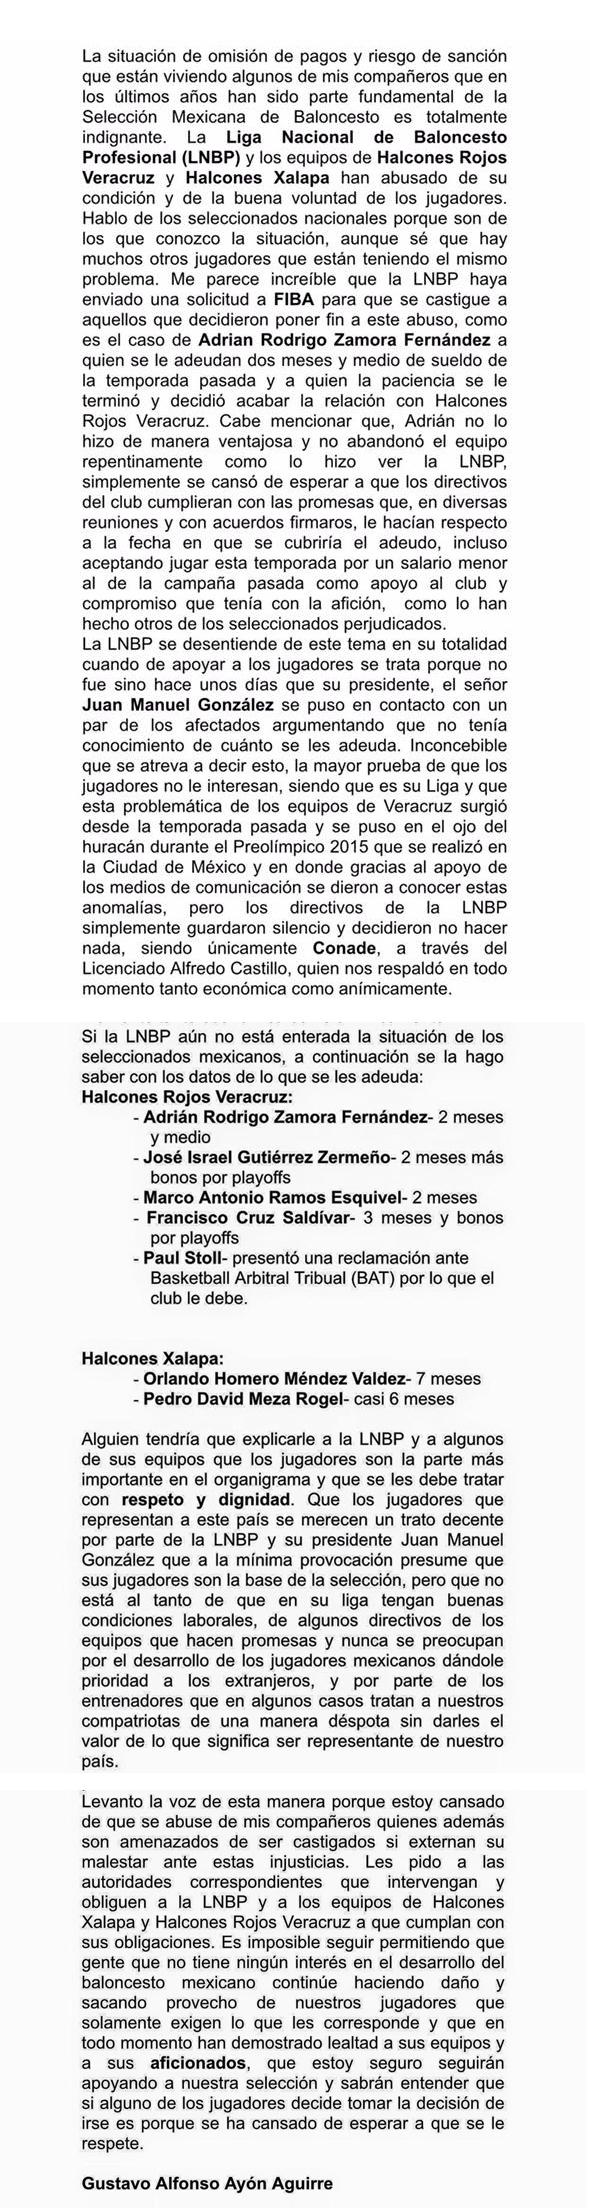 Gustavo Ayón alza la voz contra la LNBP porque no han pagado a sus jugadores